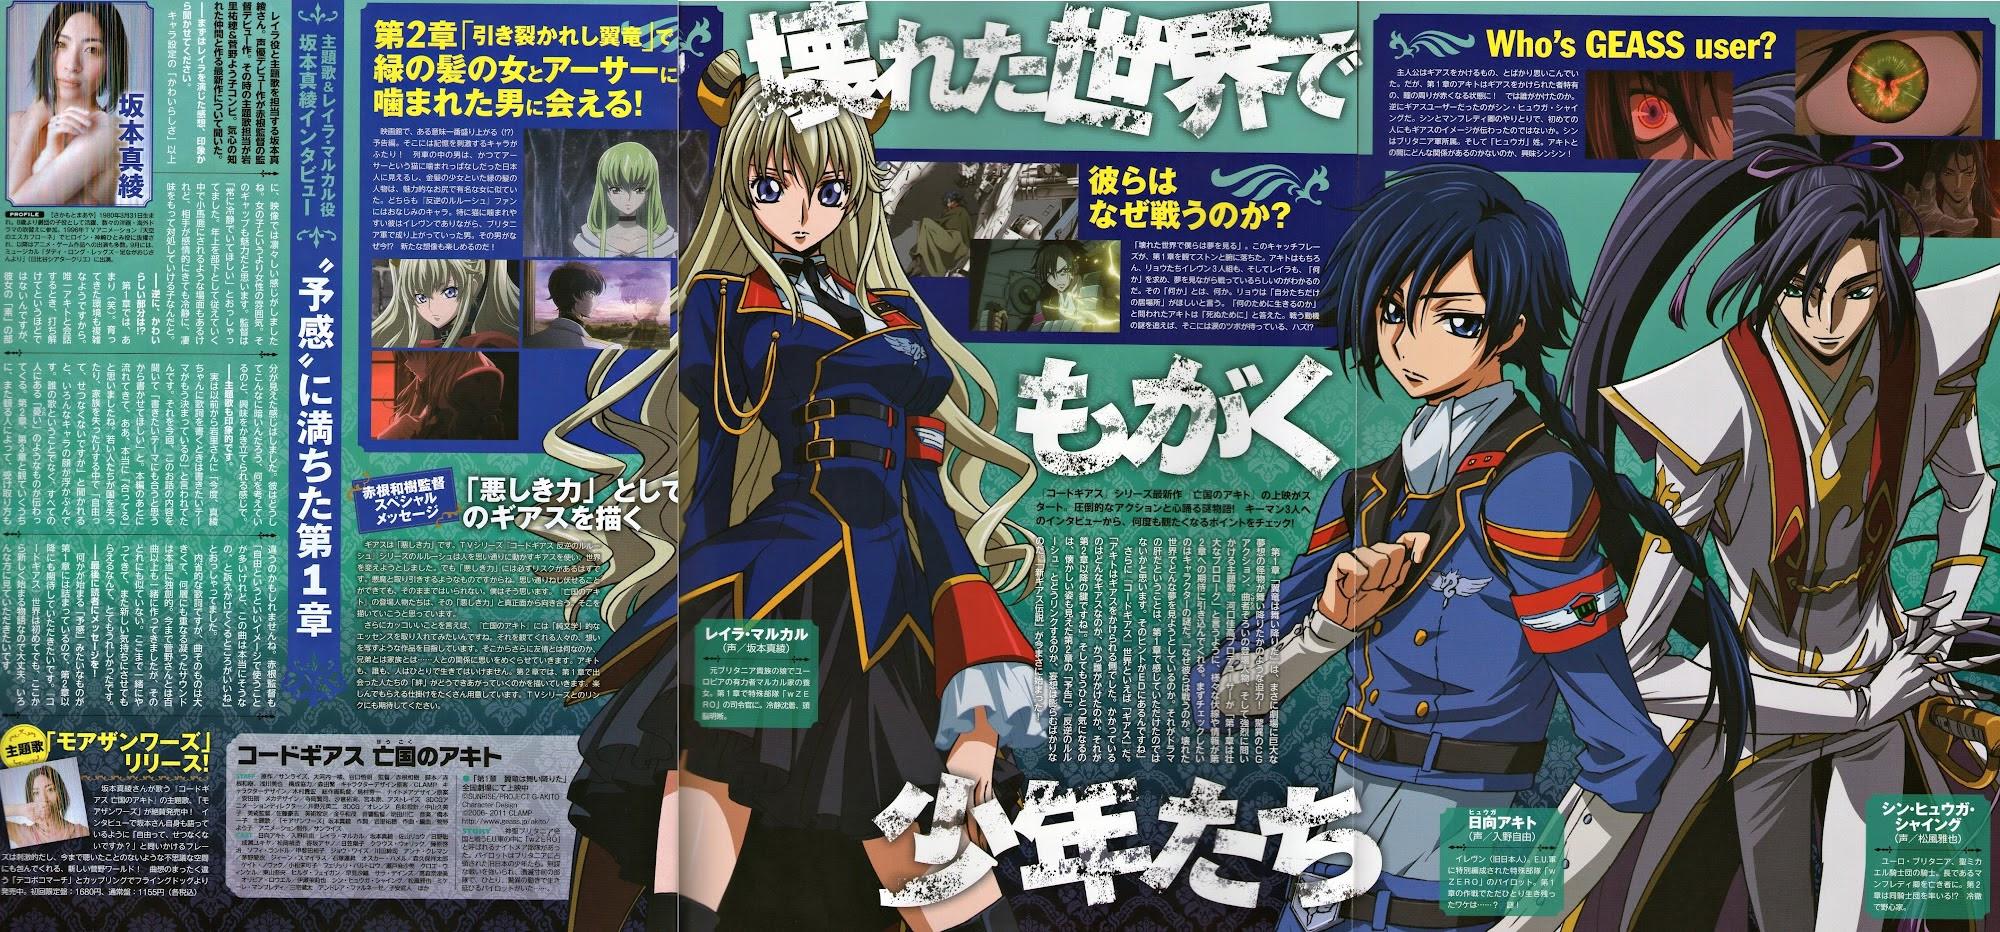 Code Geass Akito The Exiled 34 Desktop Wallpaper Animewp Com